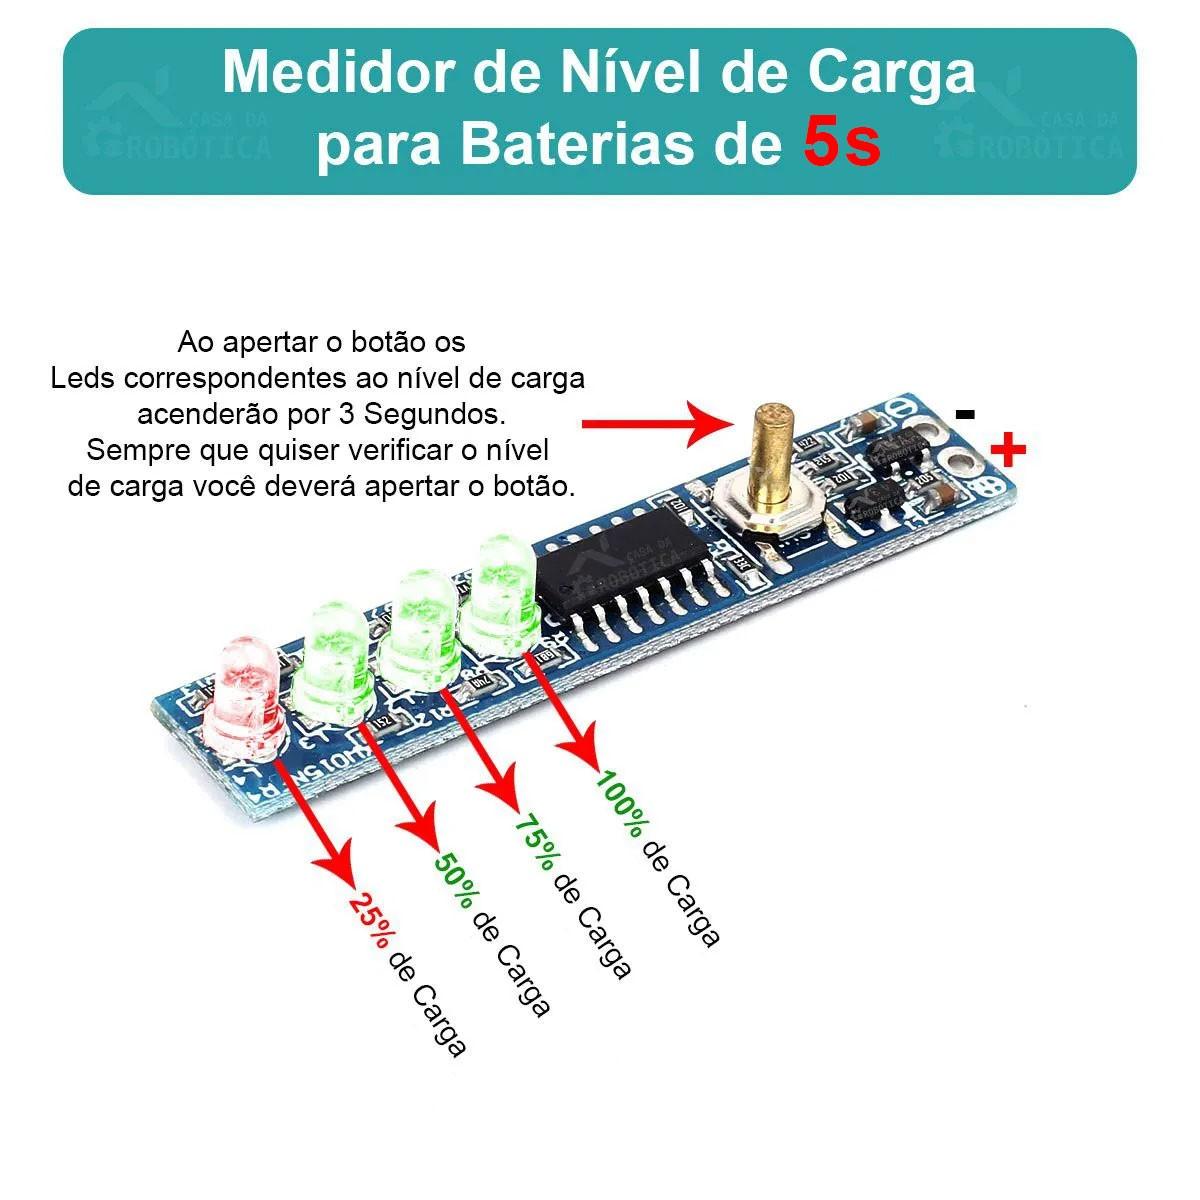 Voltímetro Indicador de Nível de Carga para Baterias 5S 21V